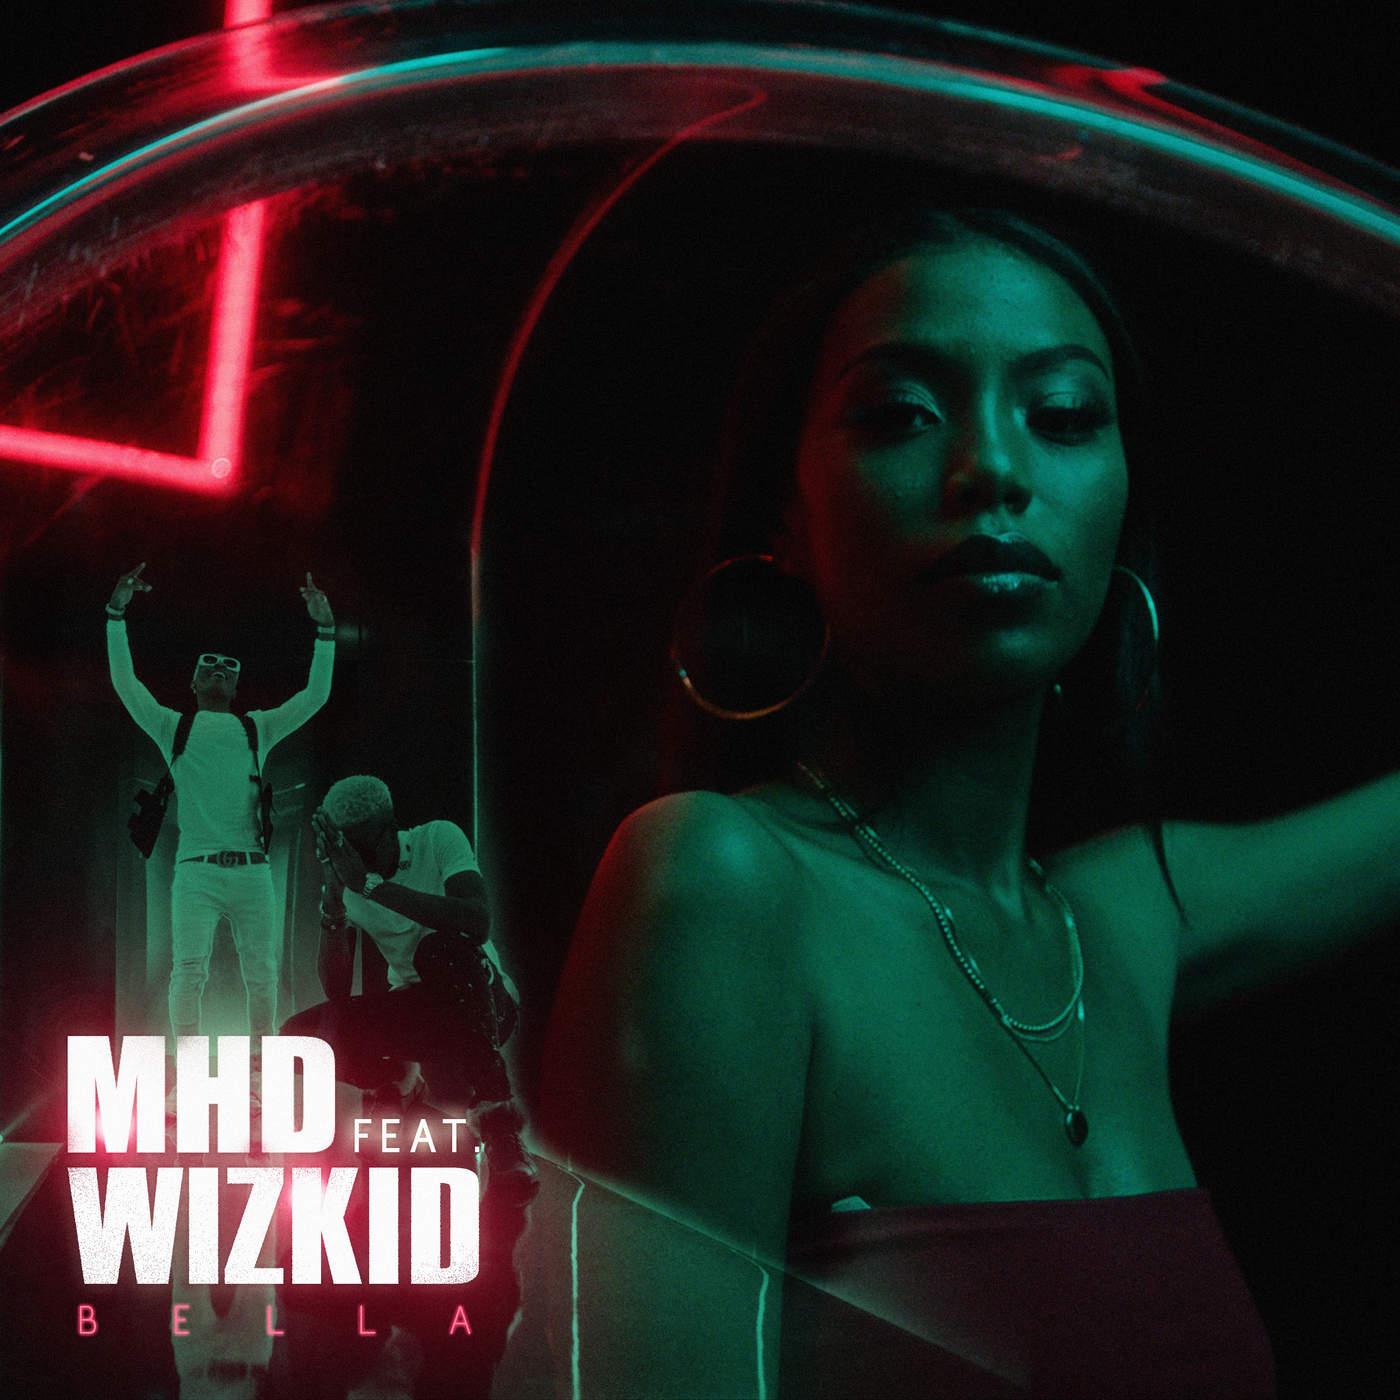 MHD - Bella (feat. WizKid)